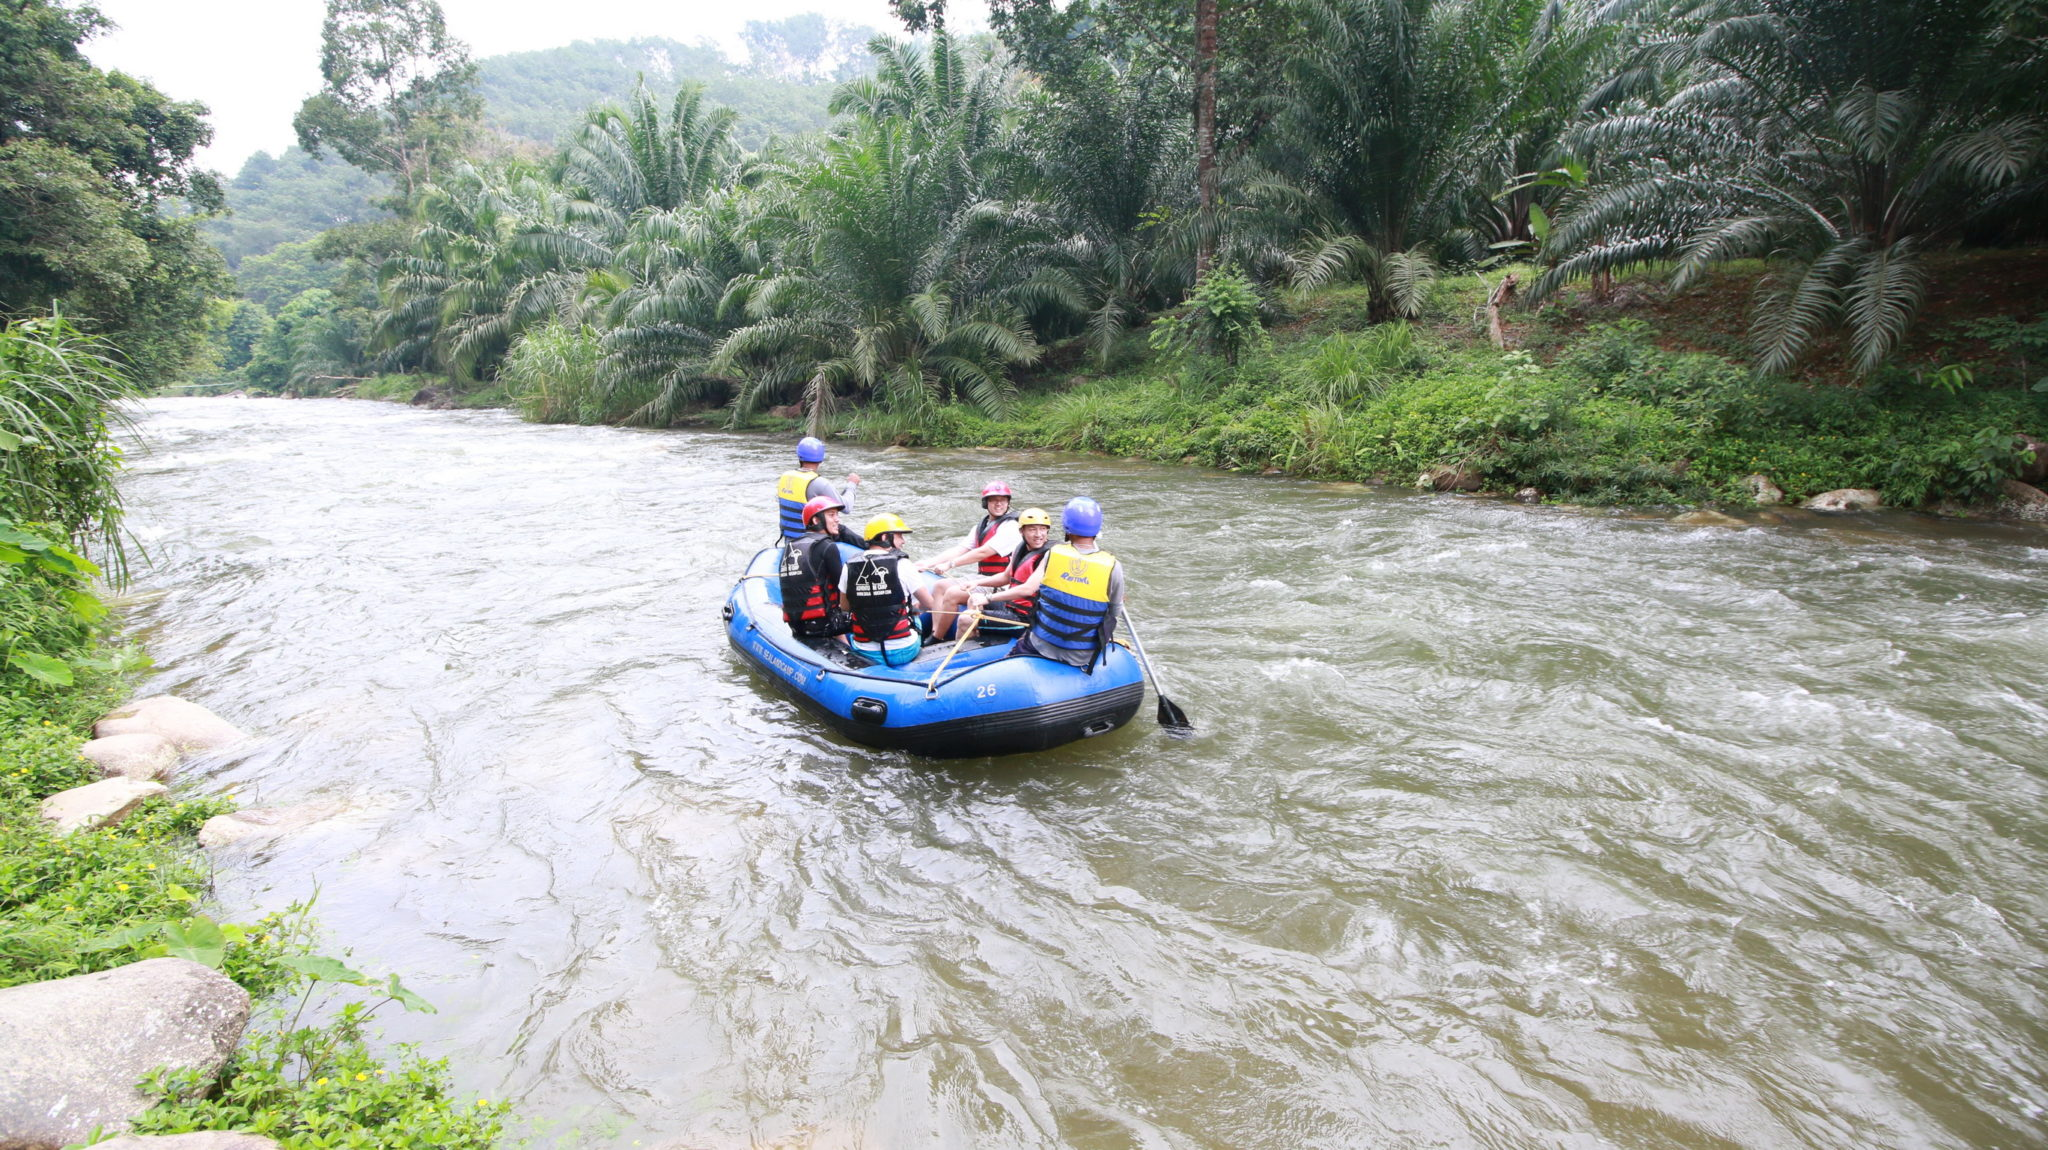 Sjezd řeky na raftech